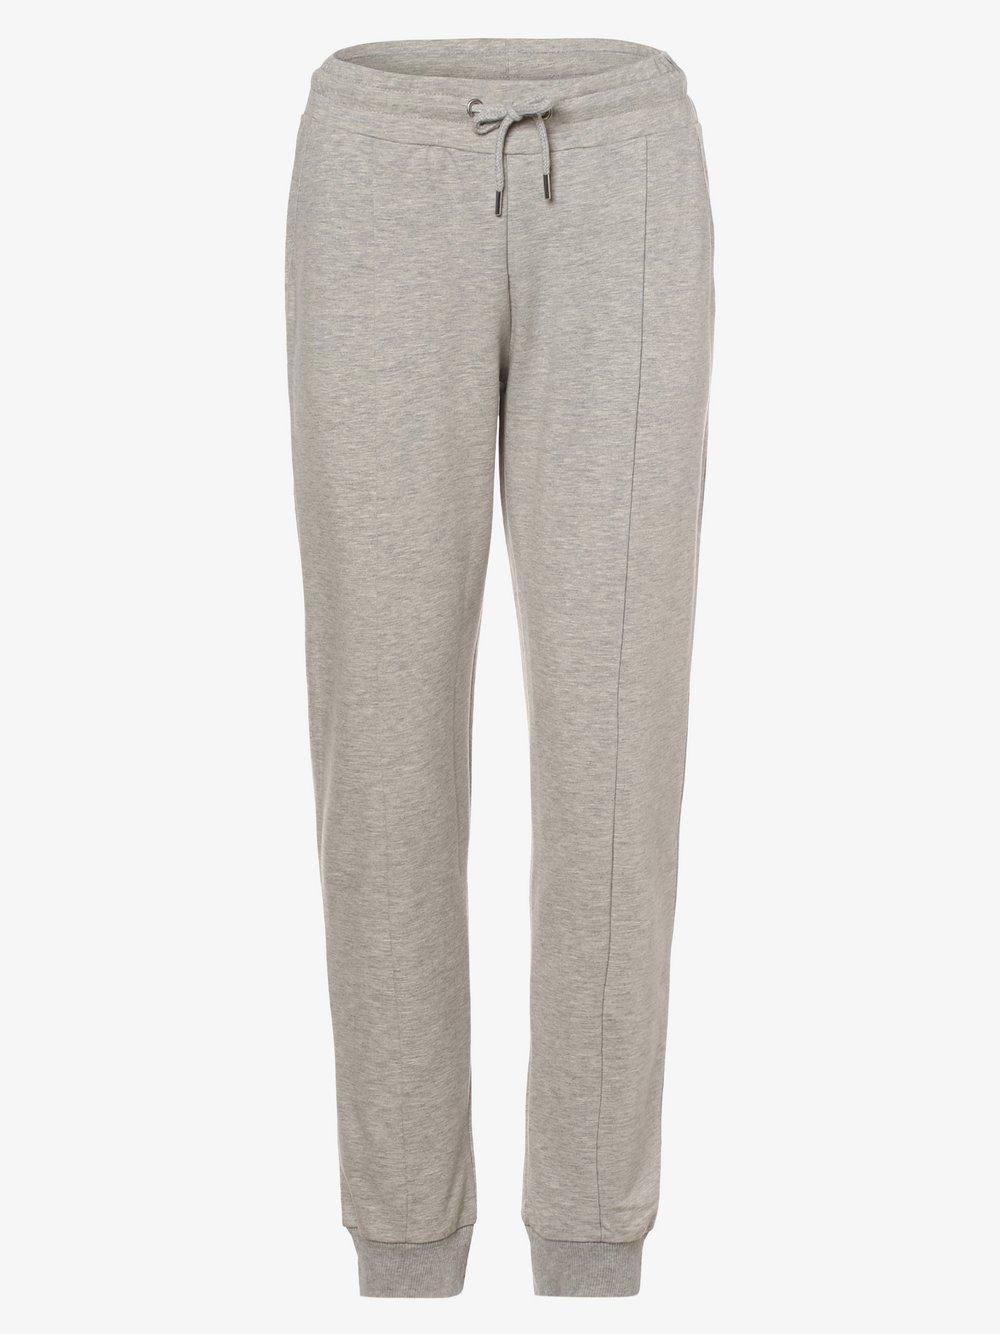 Marie Lund - Damskie spodnie dresowe, szary